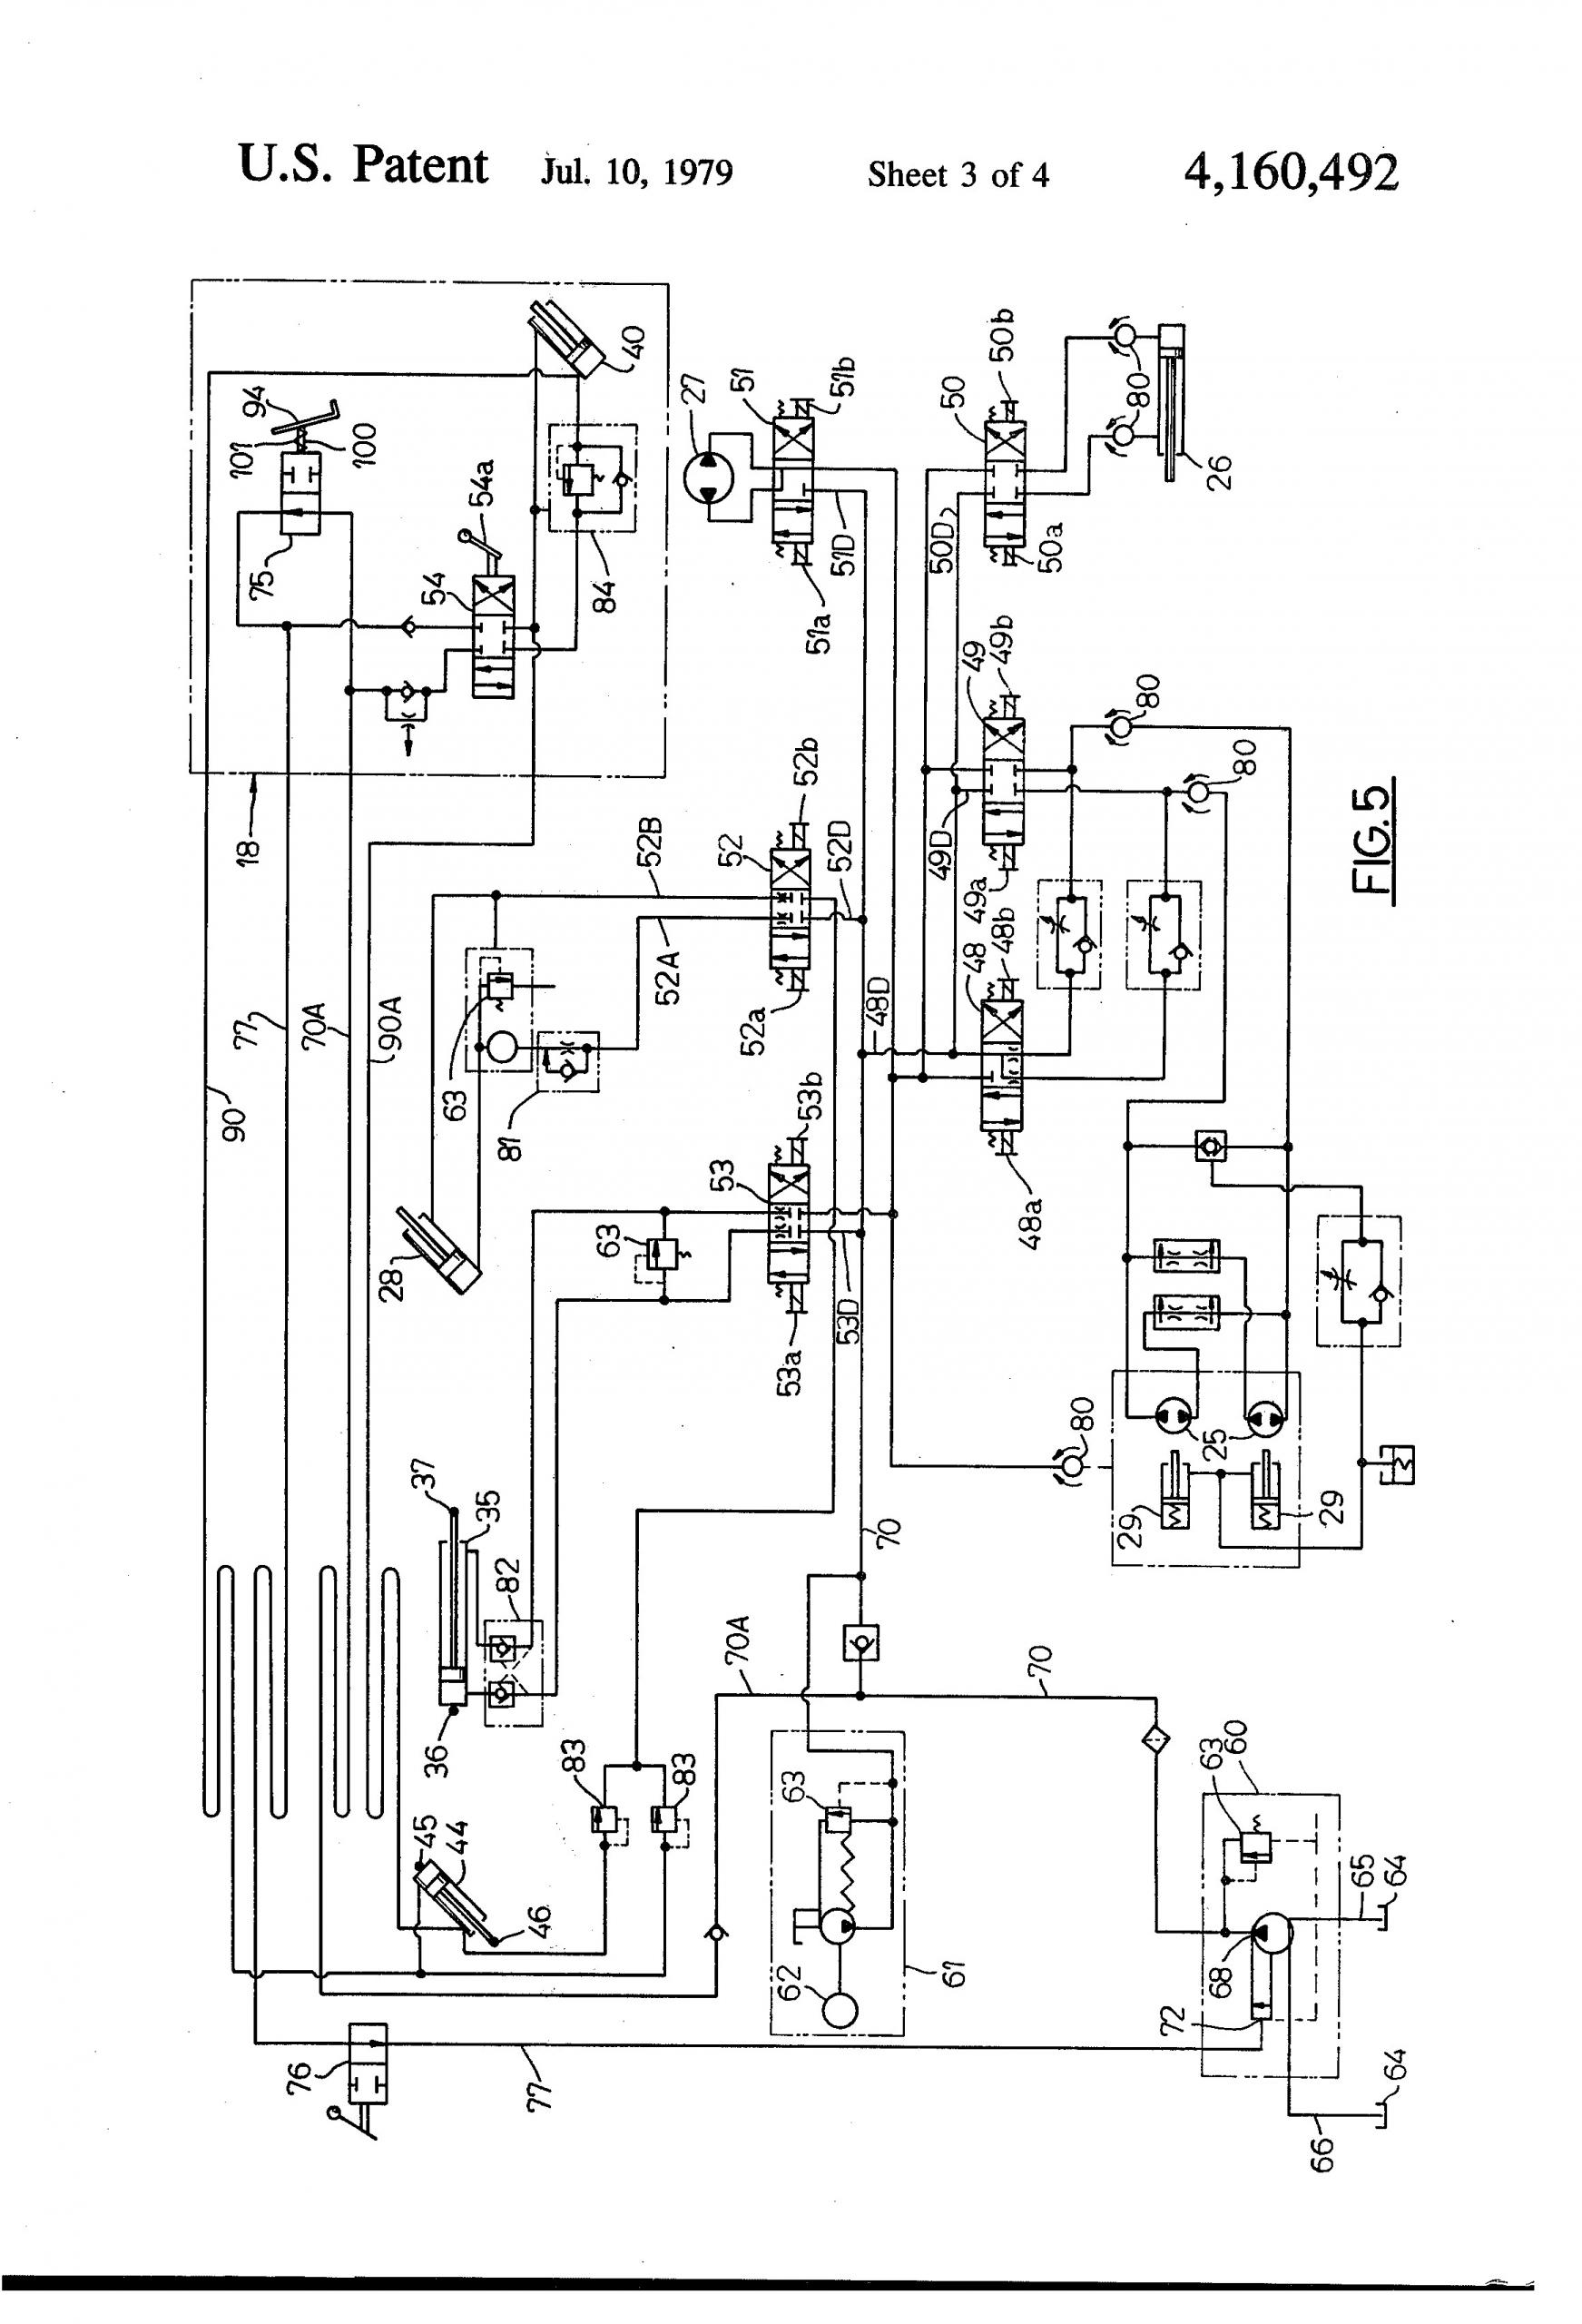 Uno-41gwiring Schematic for Snorkel Lift Snorkel Lift Wiring Diagram Of Uno-41gwiring Schematic for Snorkel Lift